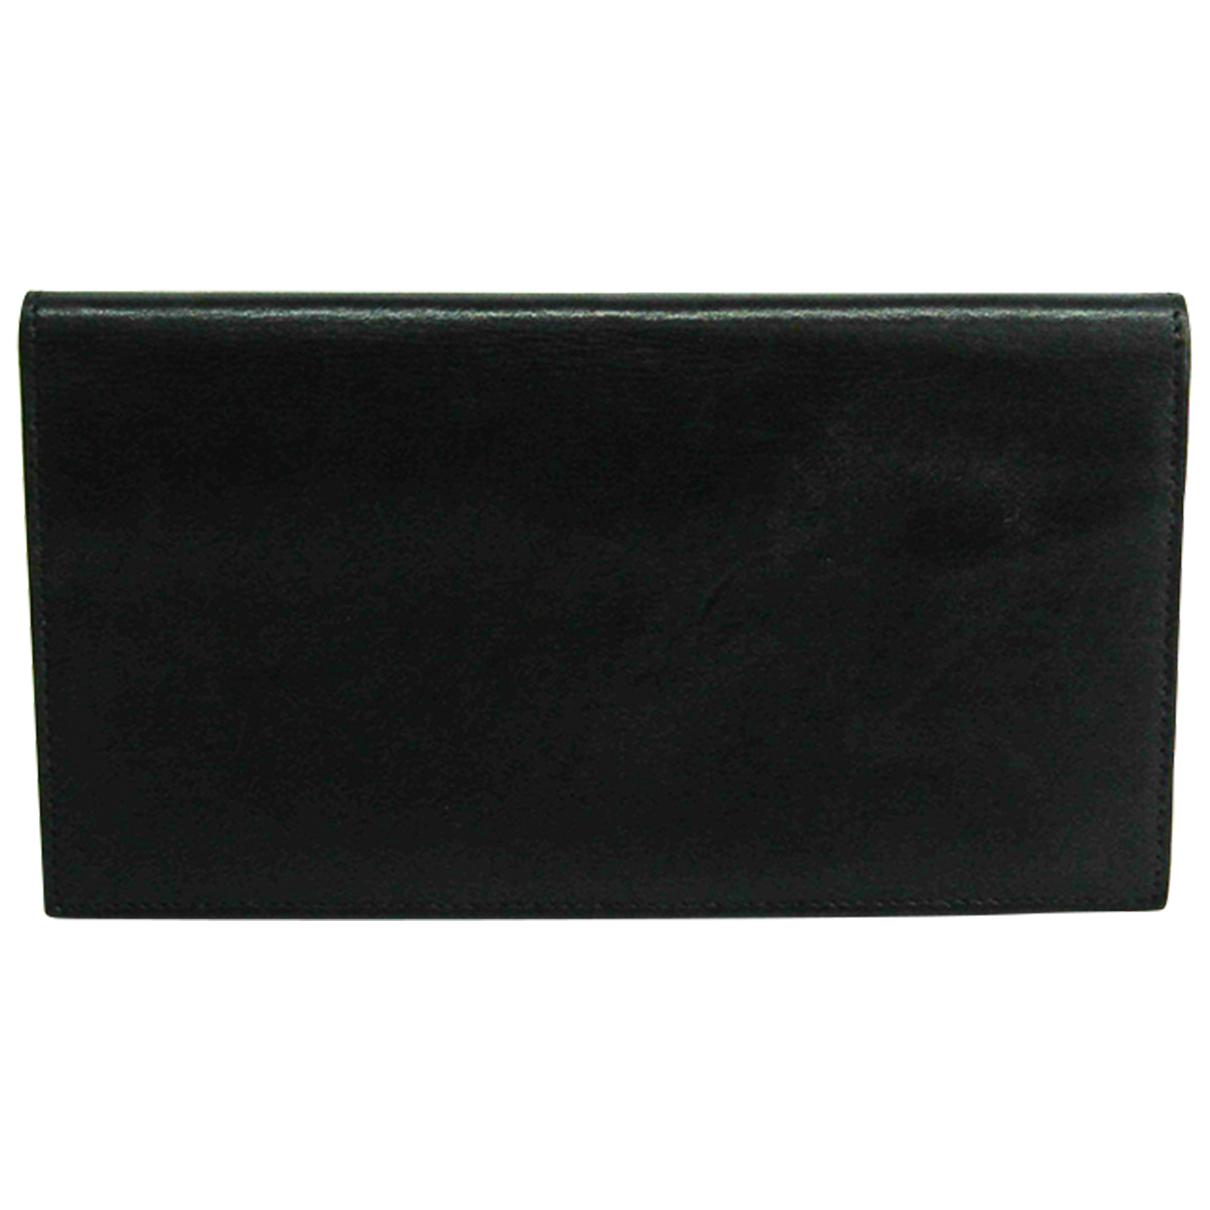 Hermès N Black Leather wallet for Women N